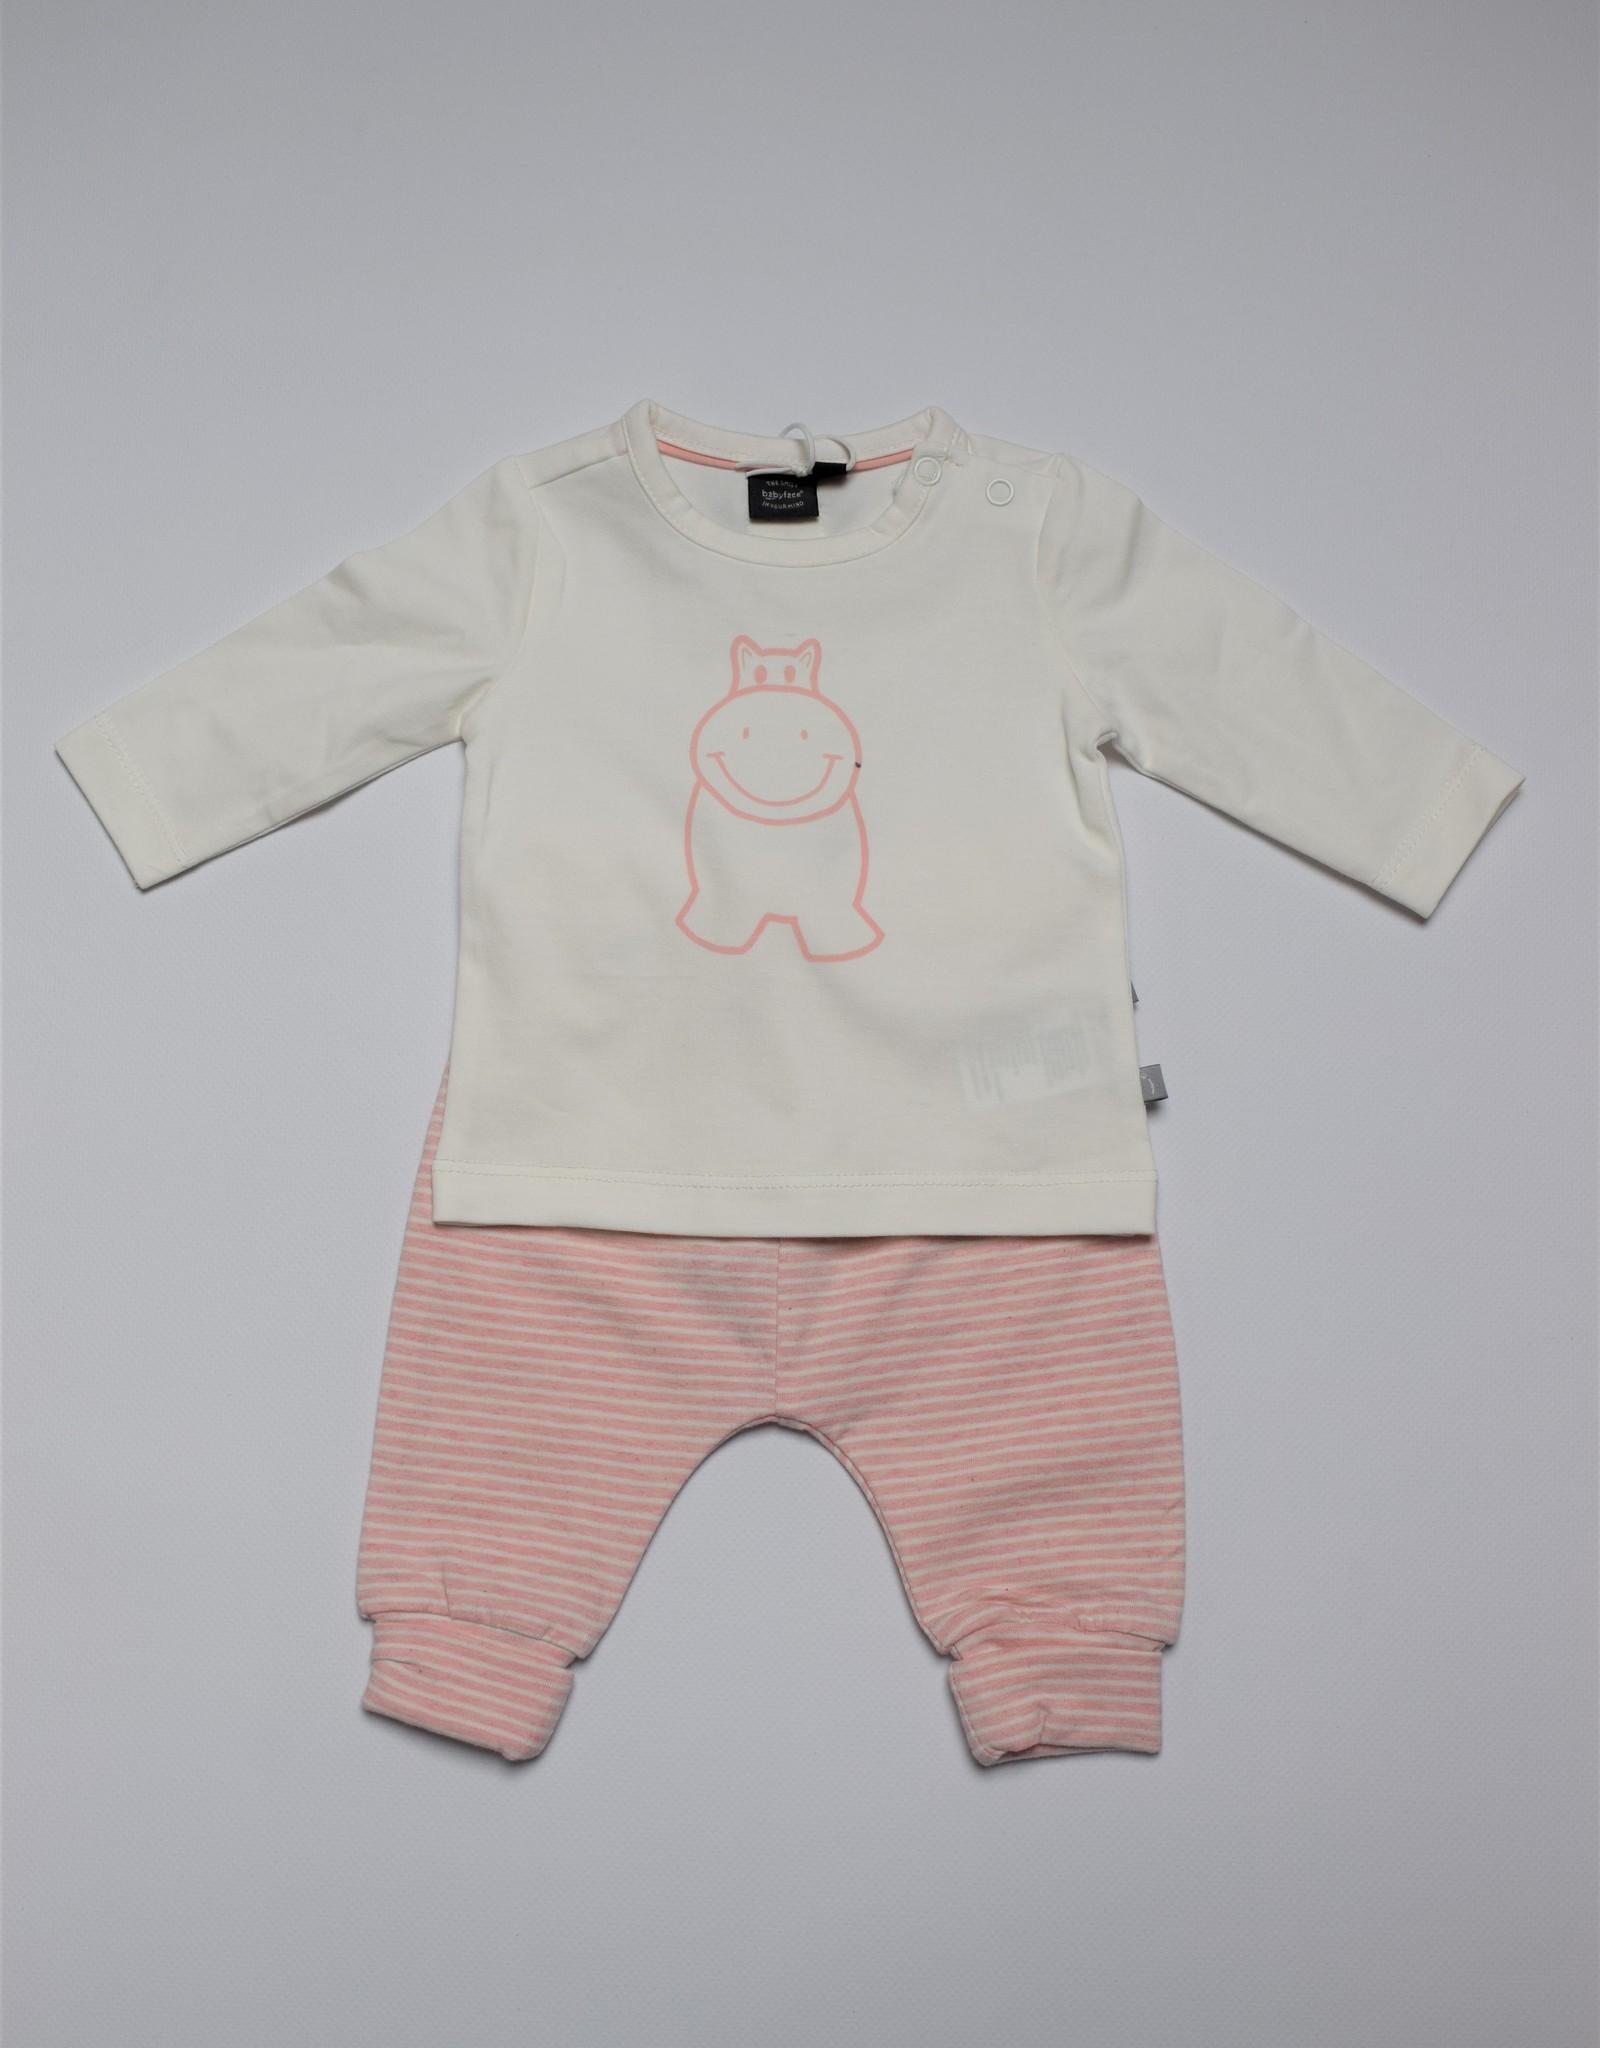 Babyface Meisjesset T-shirt LM ecru + broekje roos streep